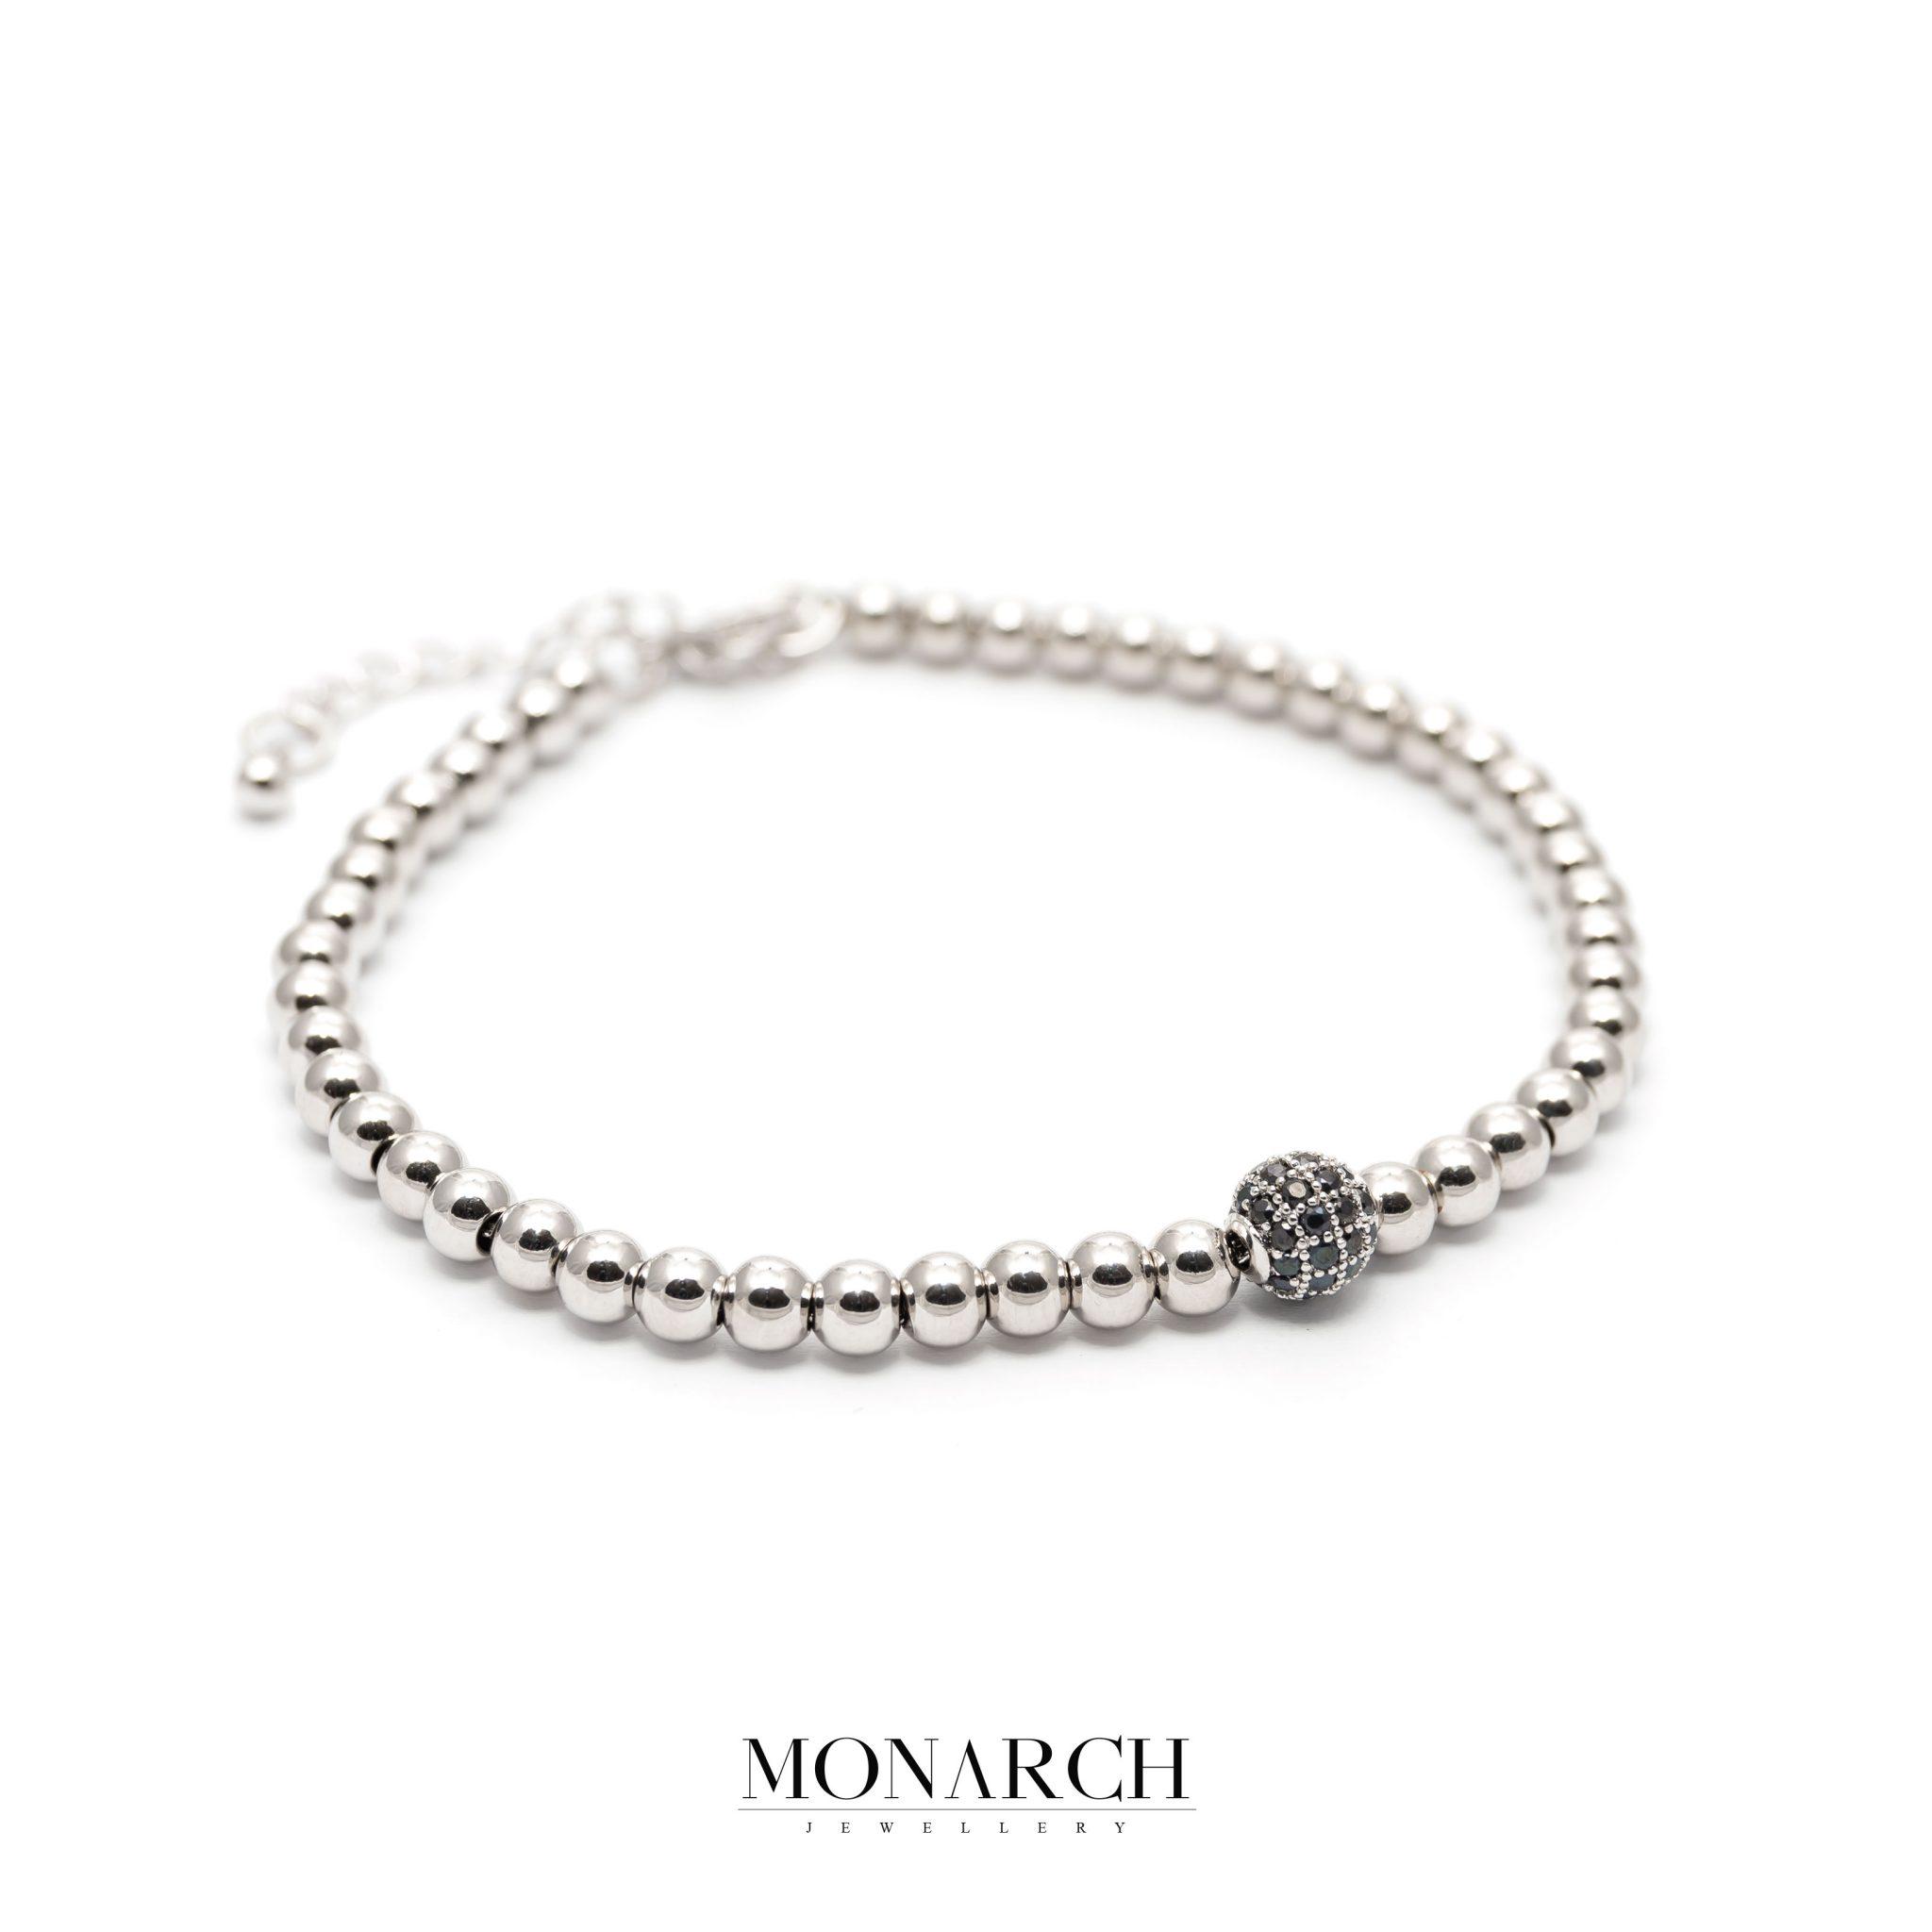 silver luxury bracelet for man, monarch jewellery MA186SB